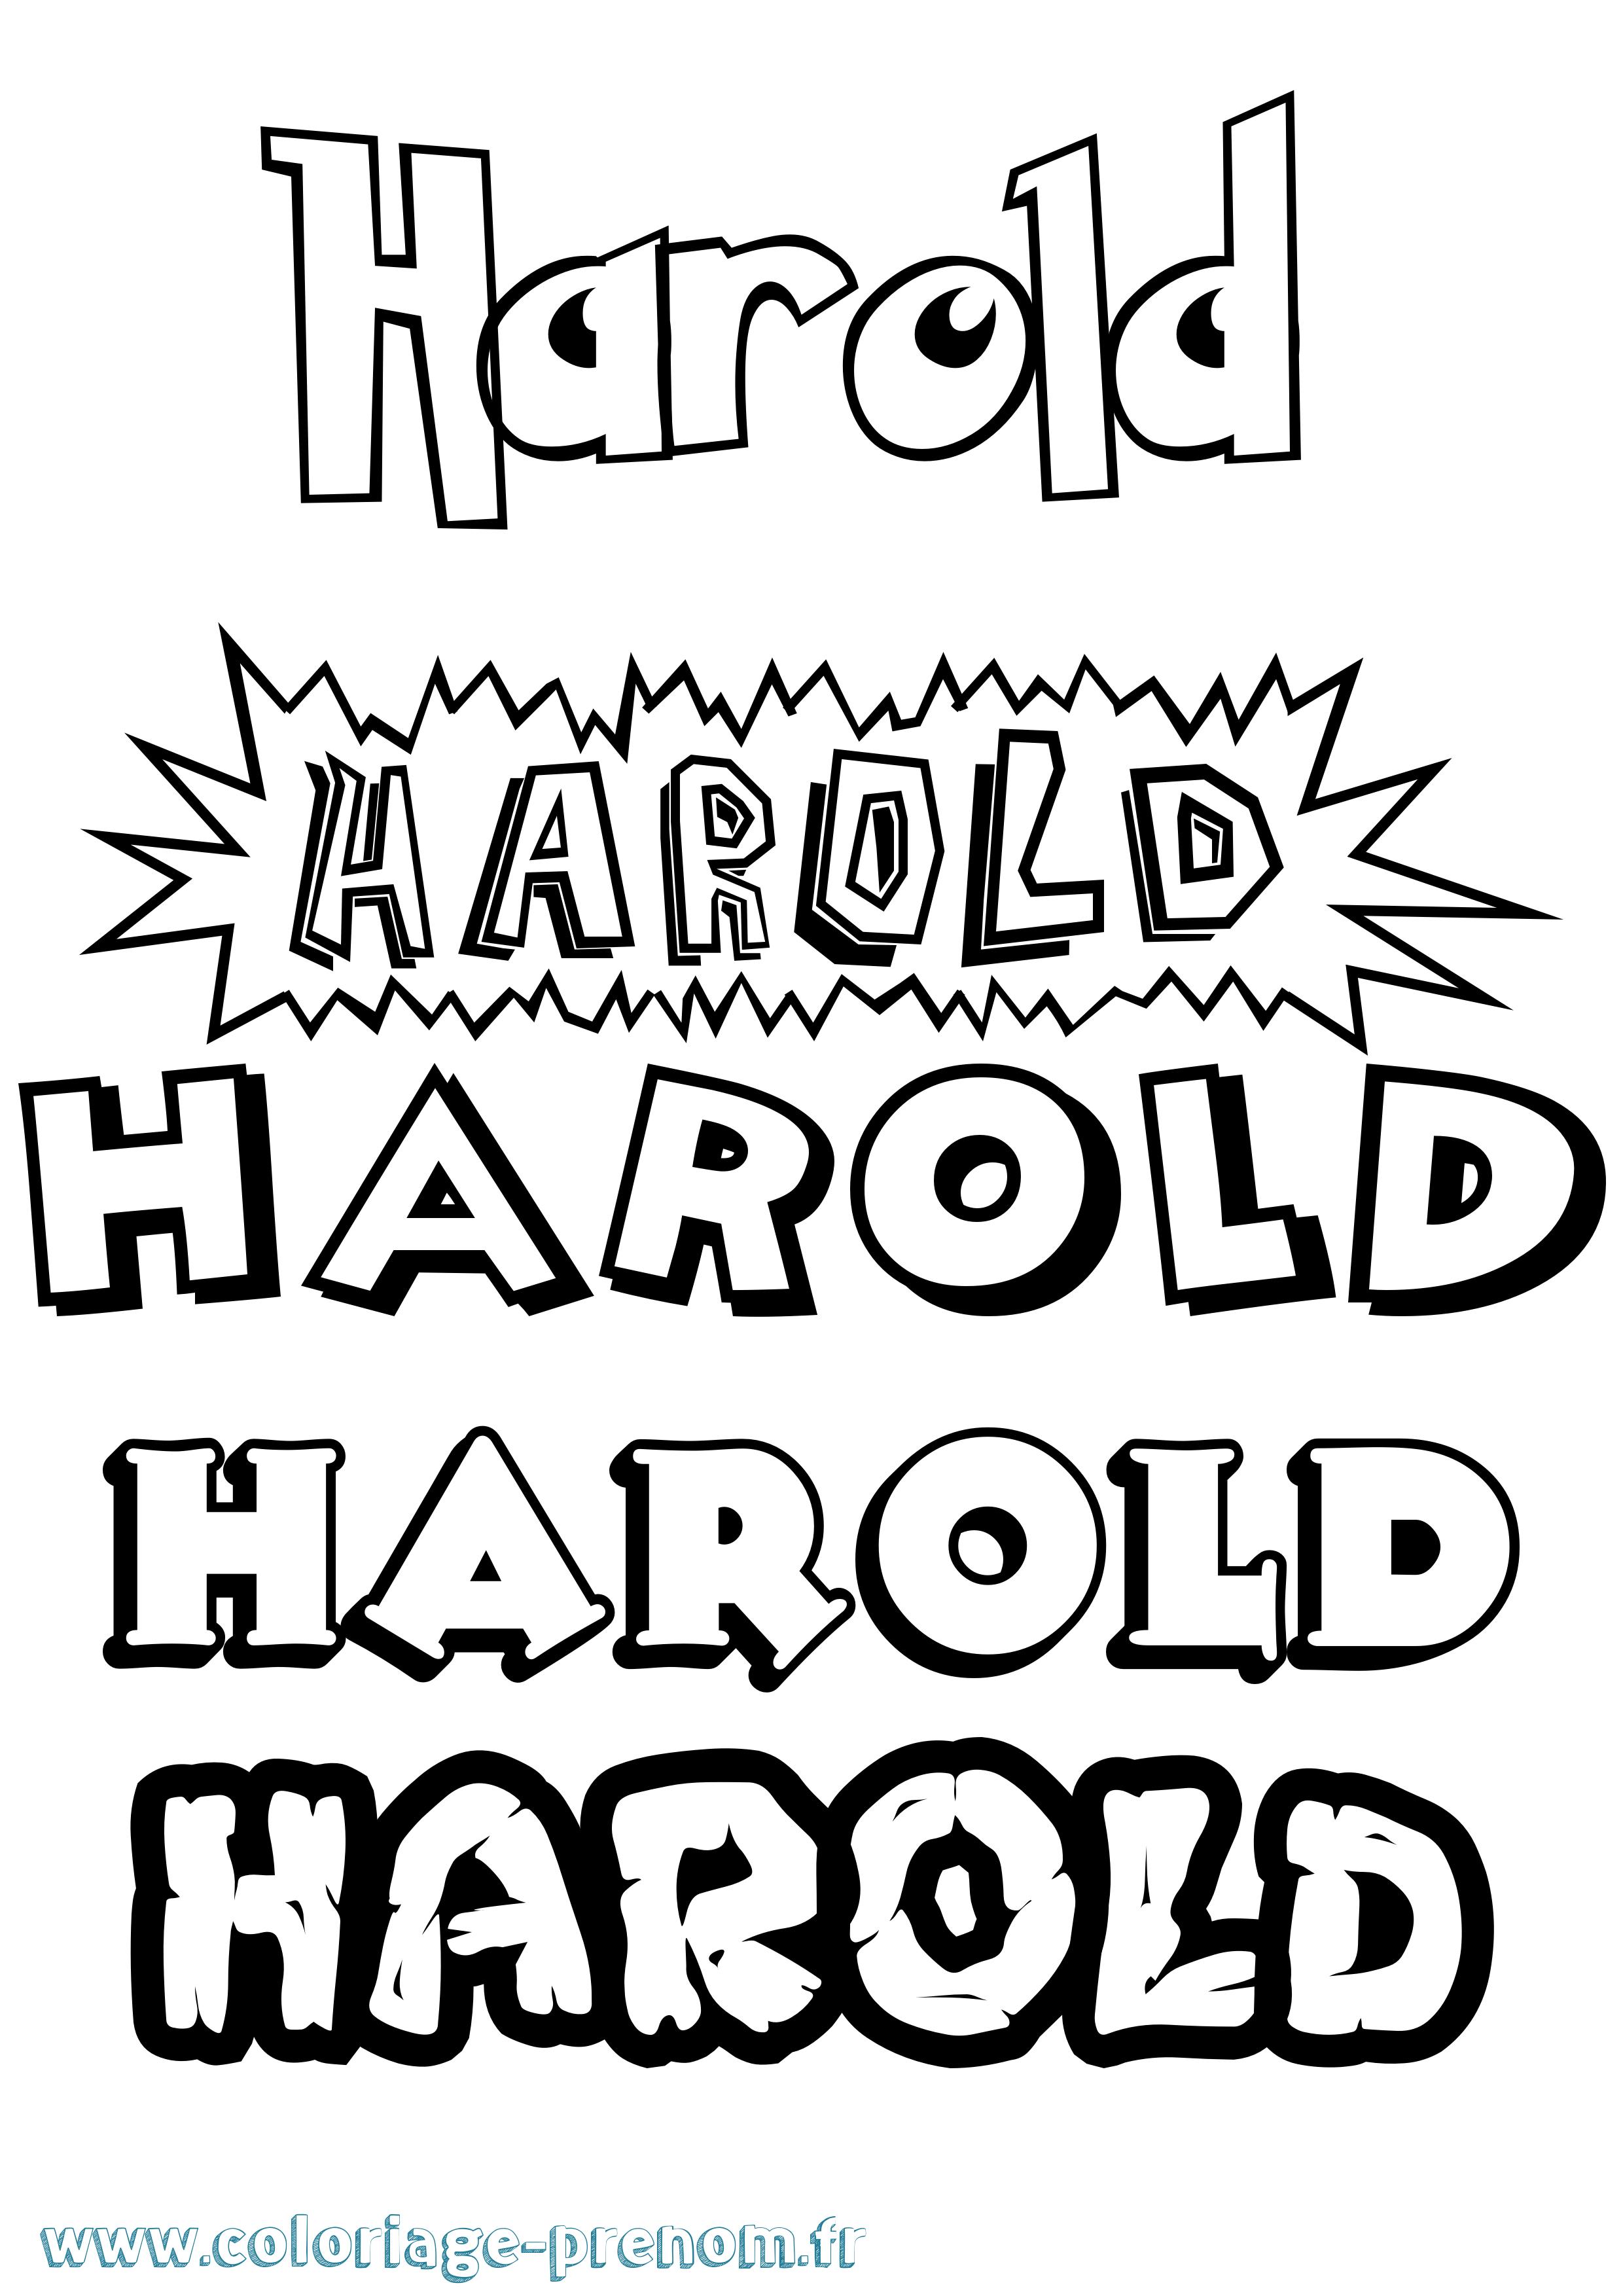 Coloriage du prénom Harold : à Imprimer ou Télécharger ...